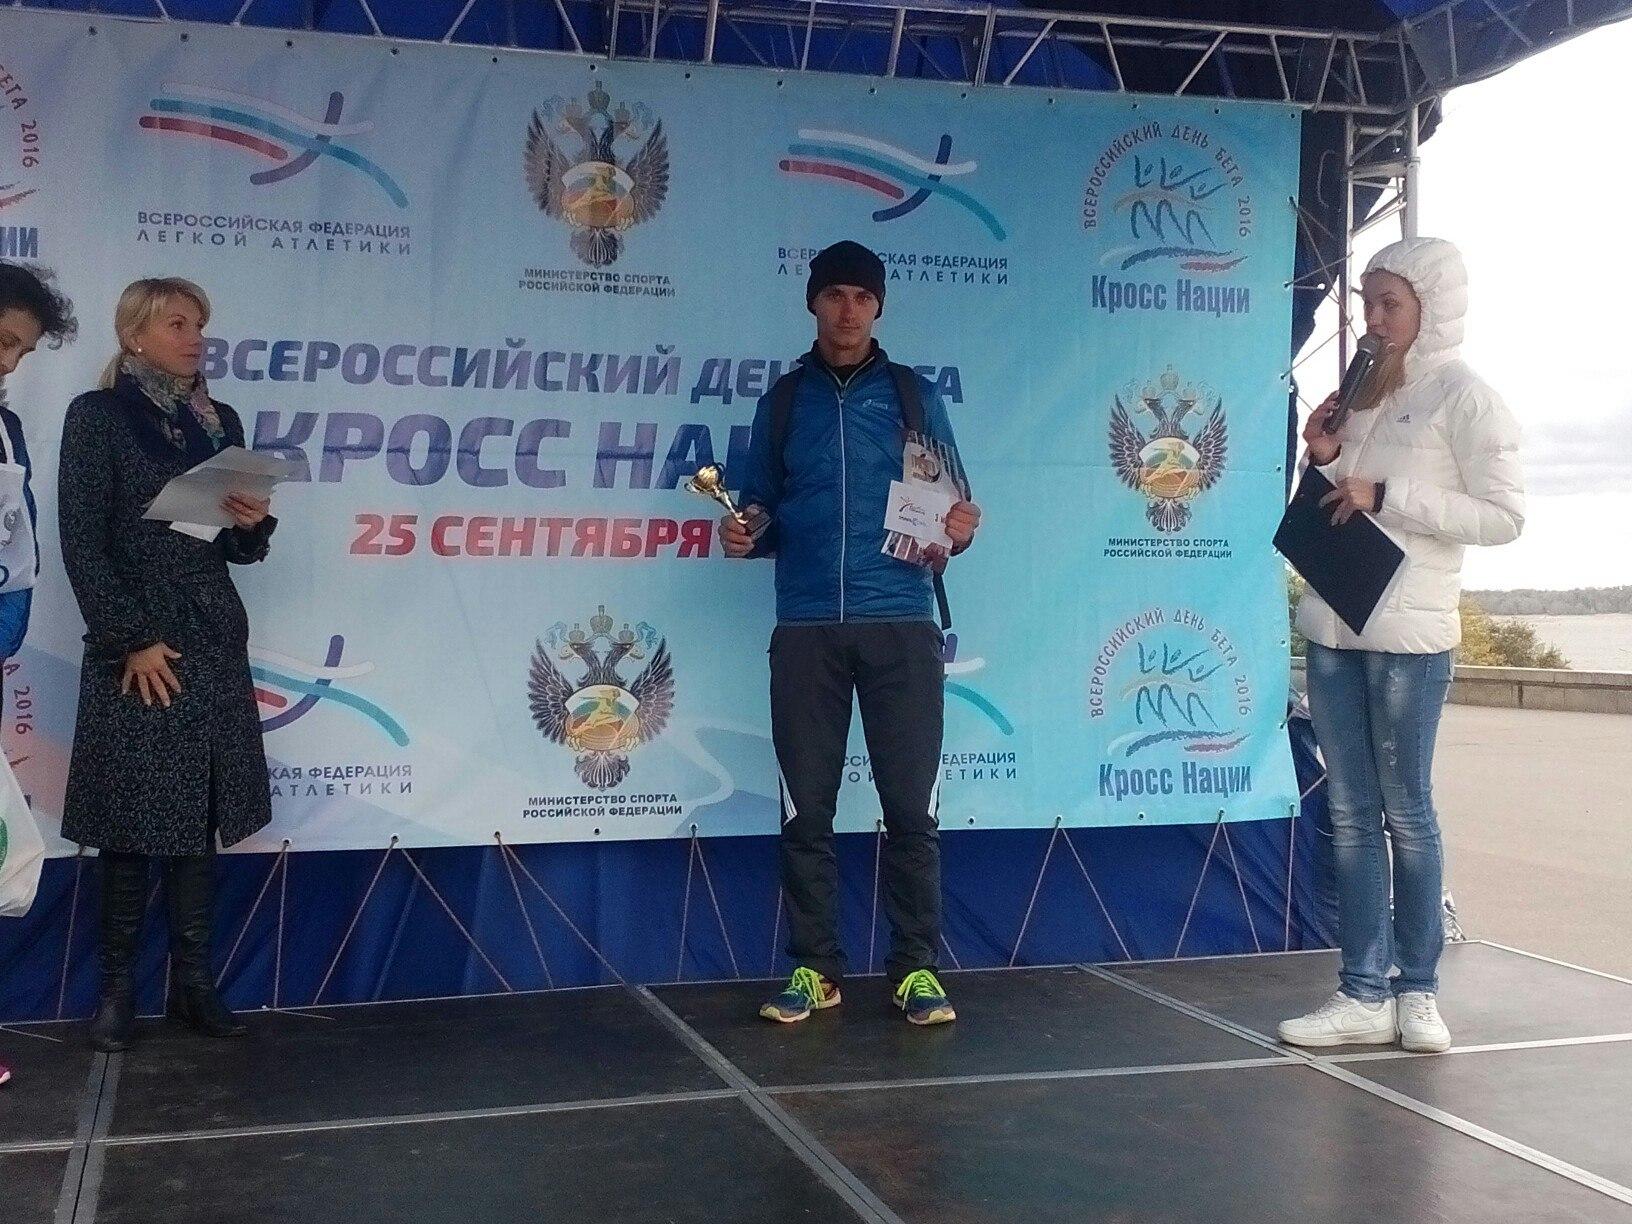 Отчет о Волгоградском полумарафоне-гандикапе 25.09.2016. Результат 1.13.01.